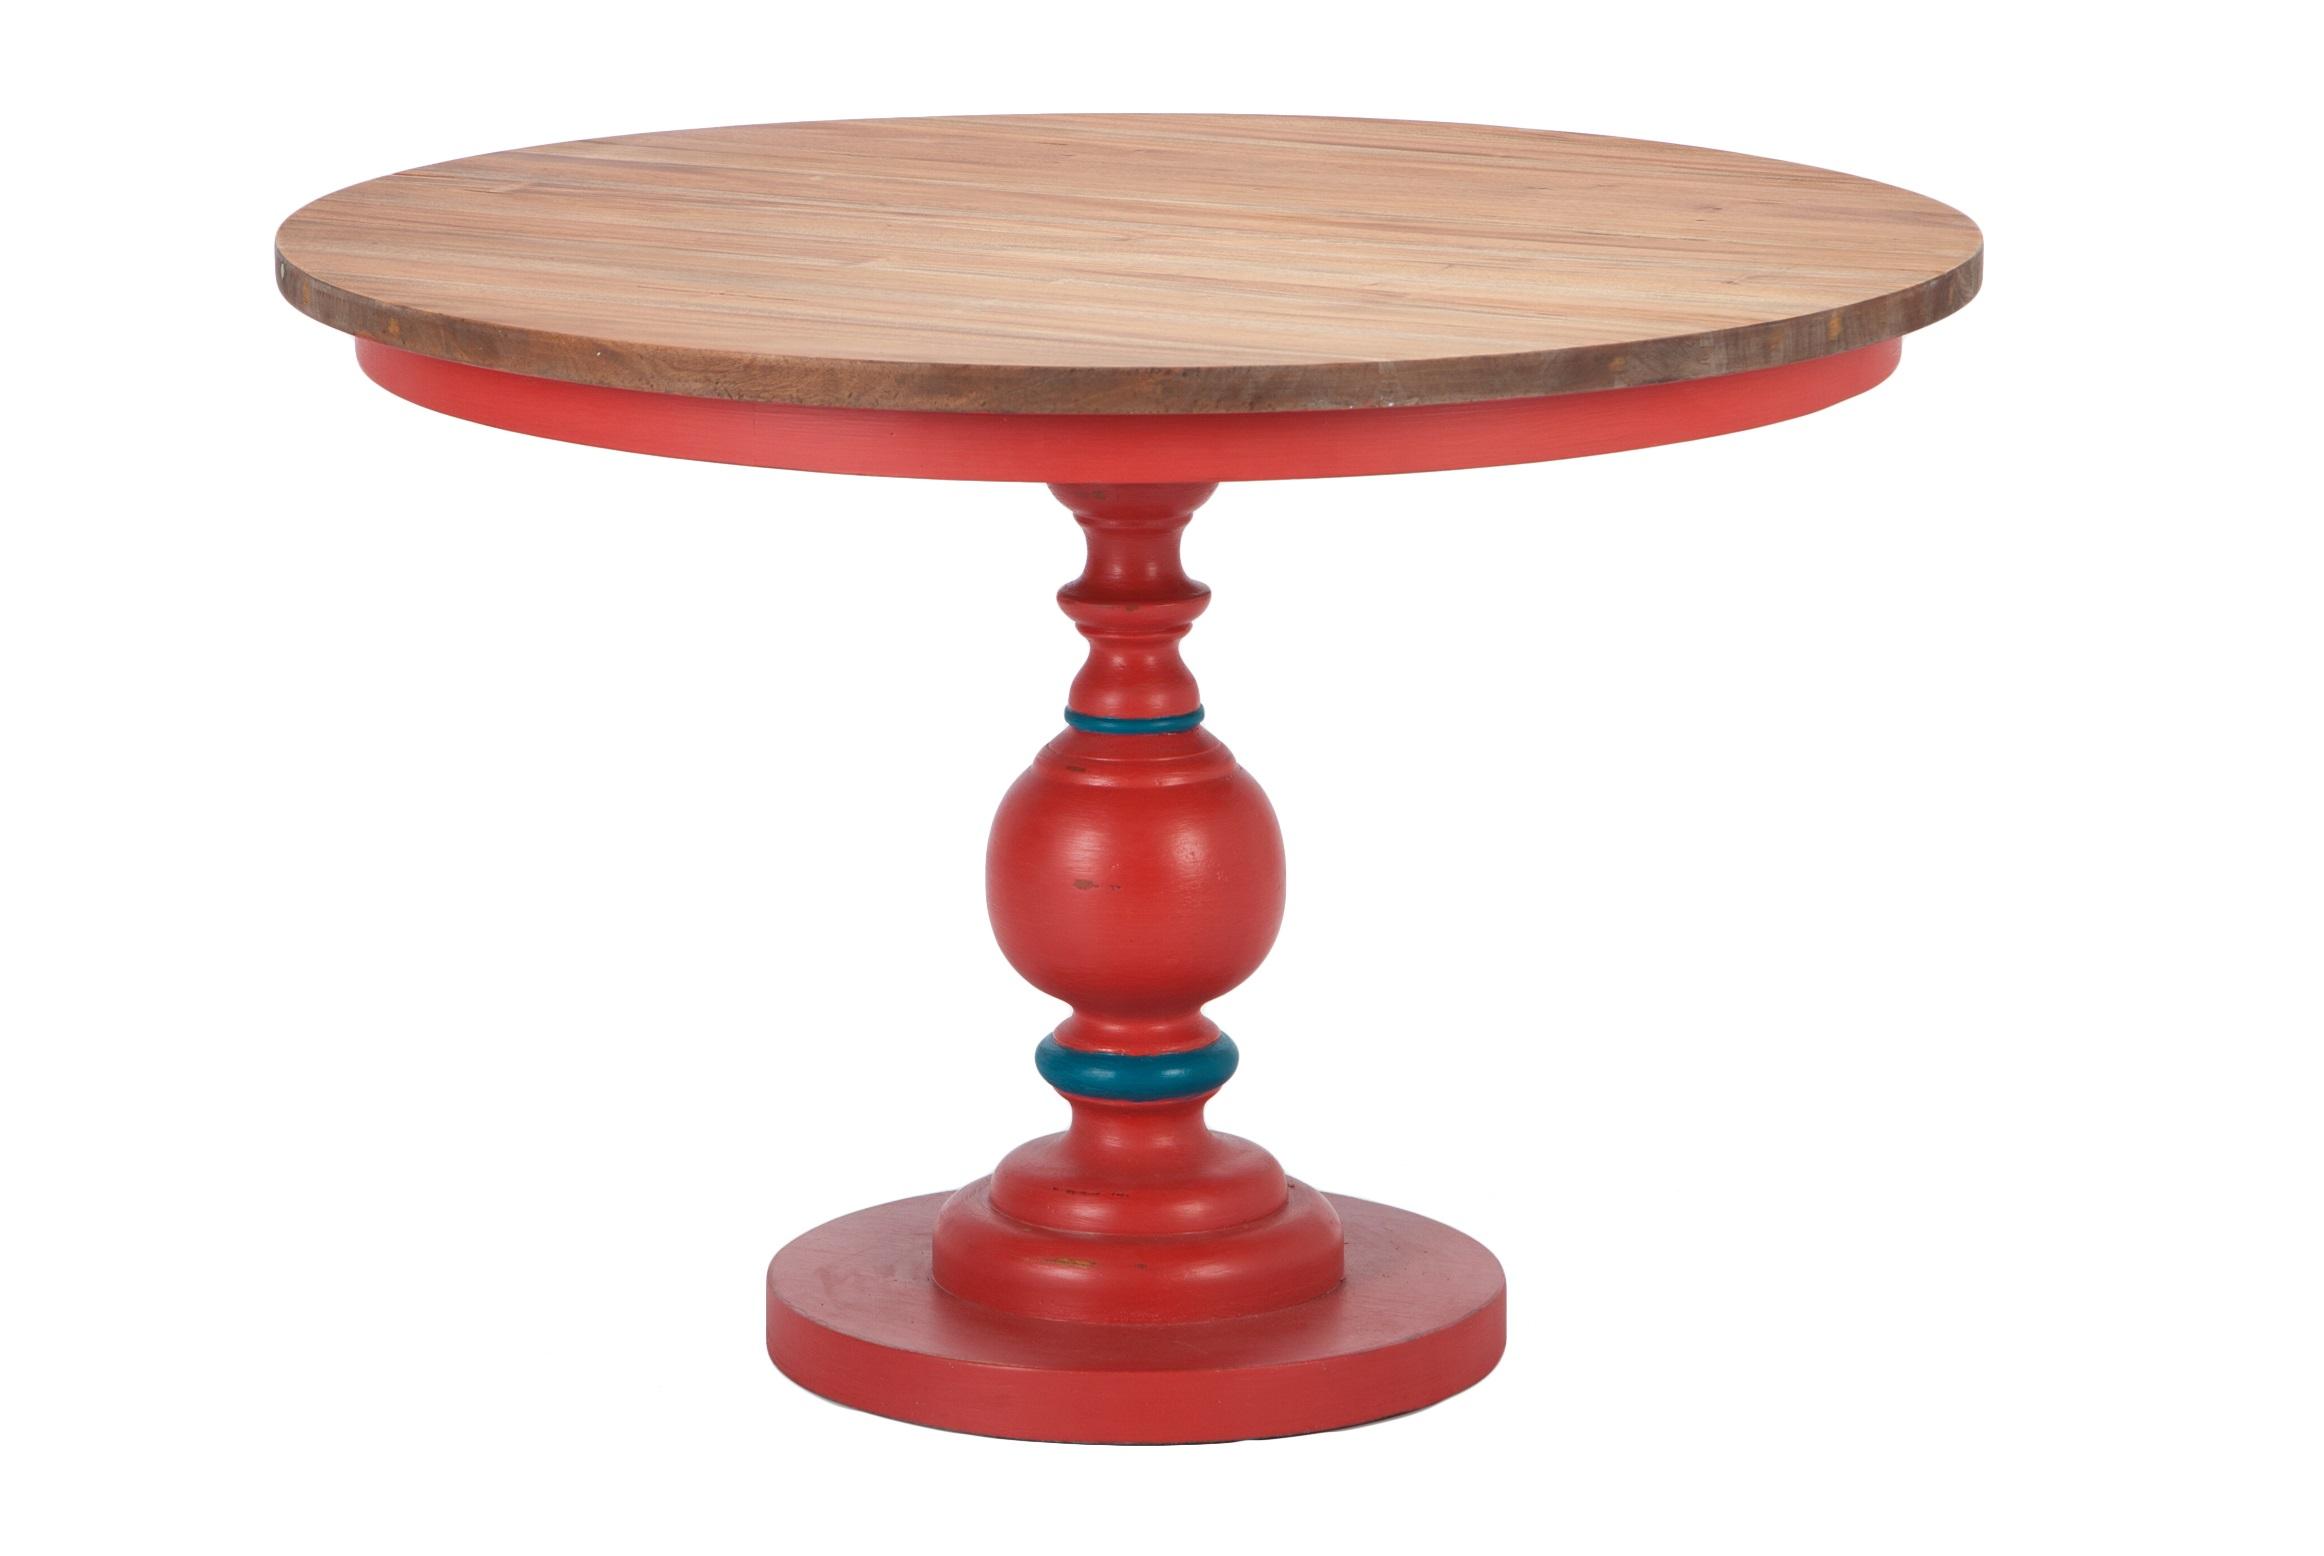 Стол обеденныйОбеденные столы<br>Стол обеденный на резной ножке из дерева махагони. Столешница натурального цвета дерева, ножка красного цвета с синими кольцами, декорирована старением.<br><br>Material: Красное дерево<br>Height см: 76<br>Diameter см: 112